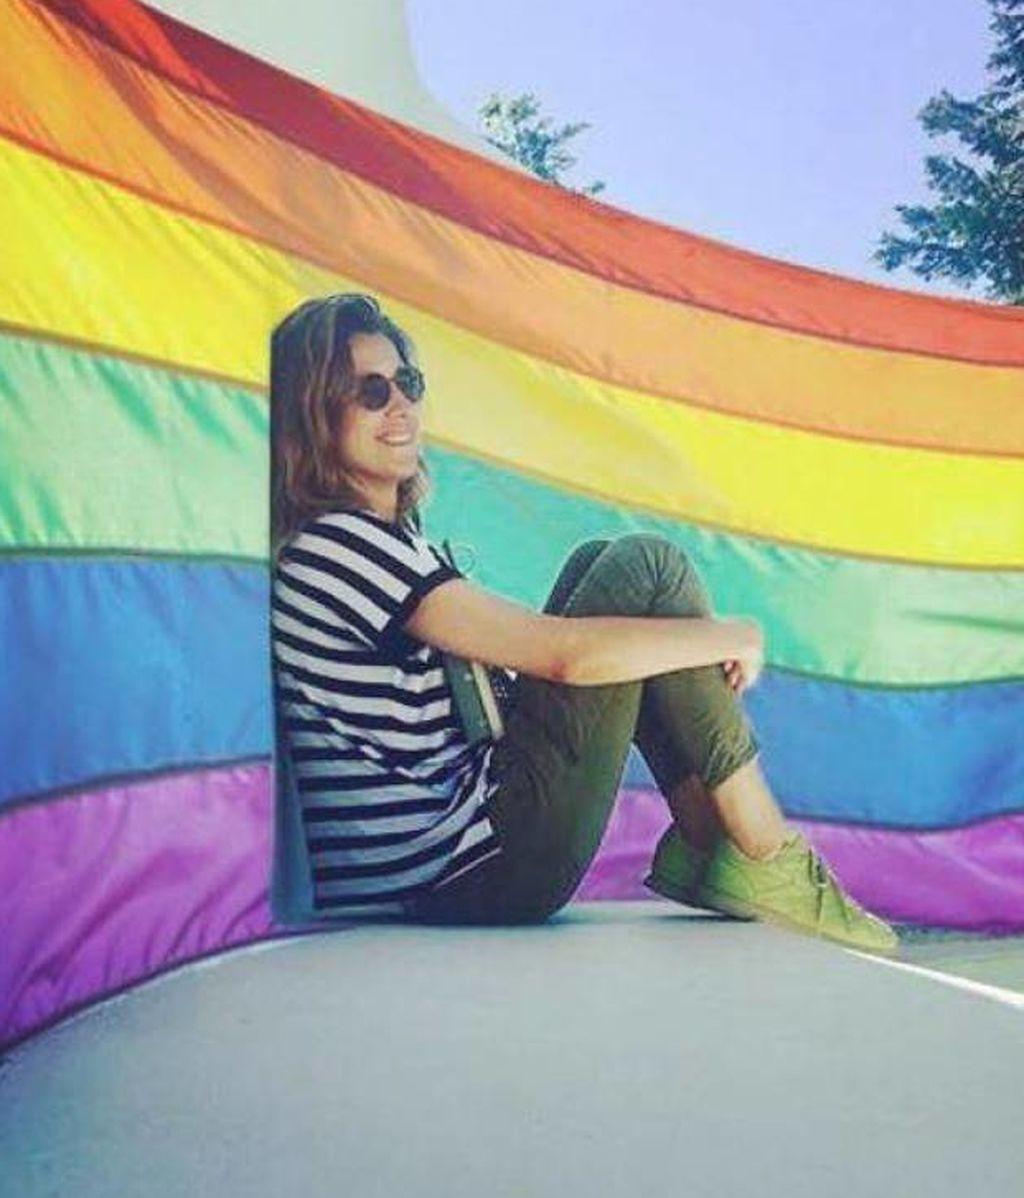 el-alegato-de-sandra-barneda-en-el-orgullo-gay-contra-las-barbaridades